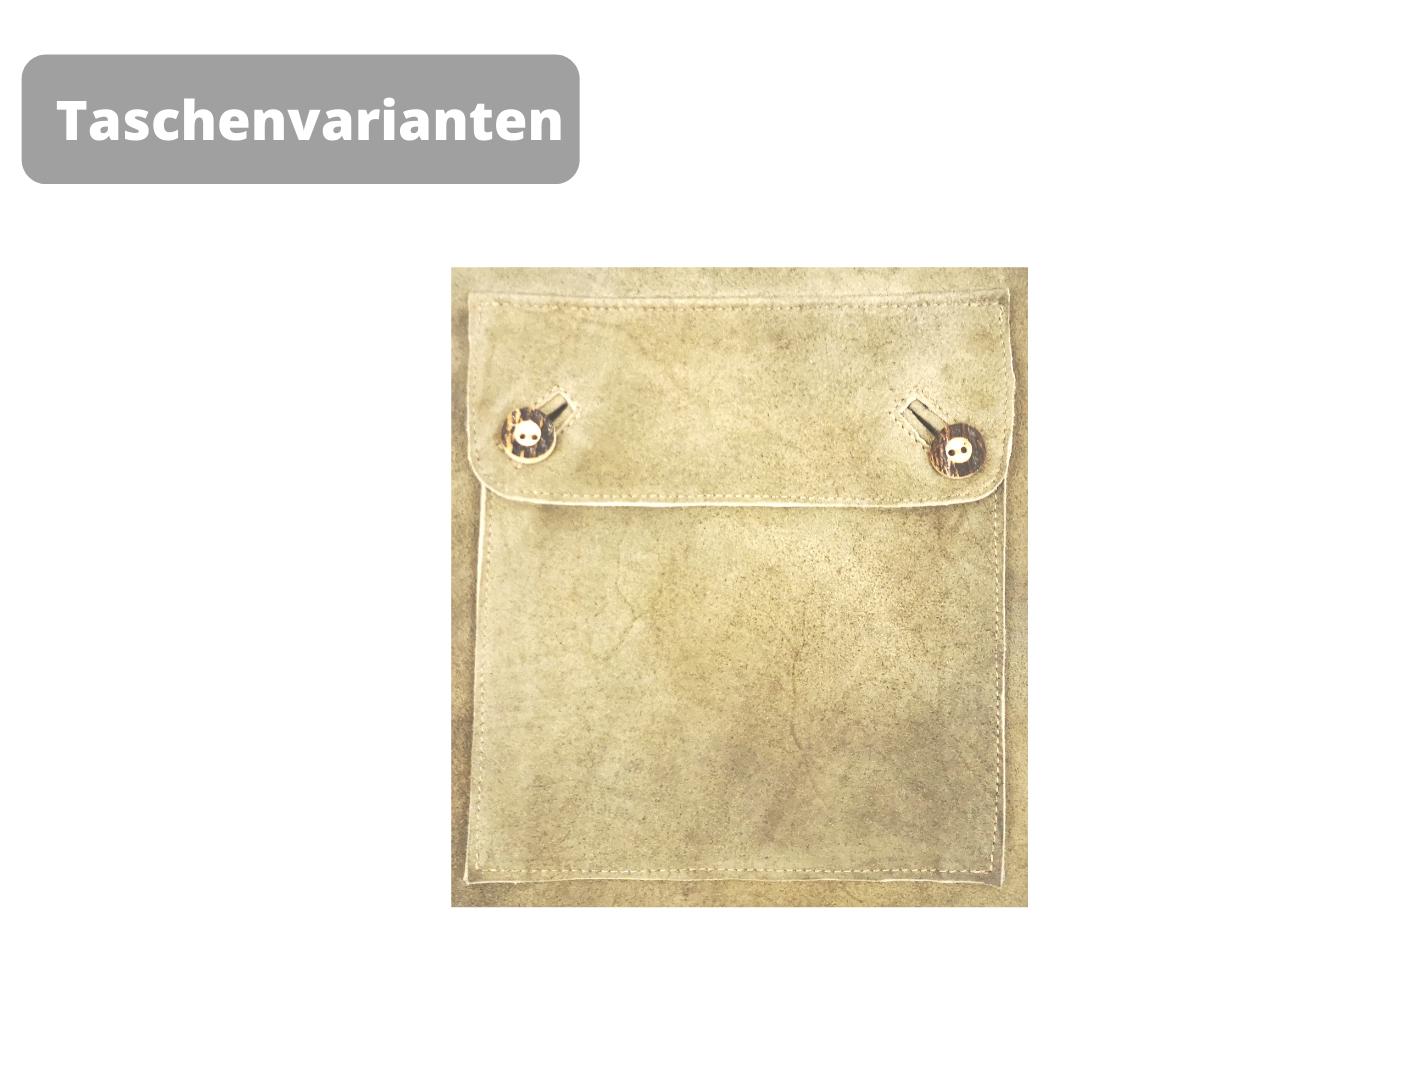 Taschenvariante Lederhose (5)